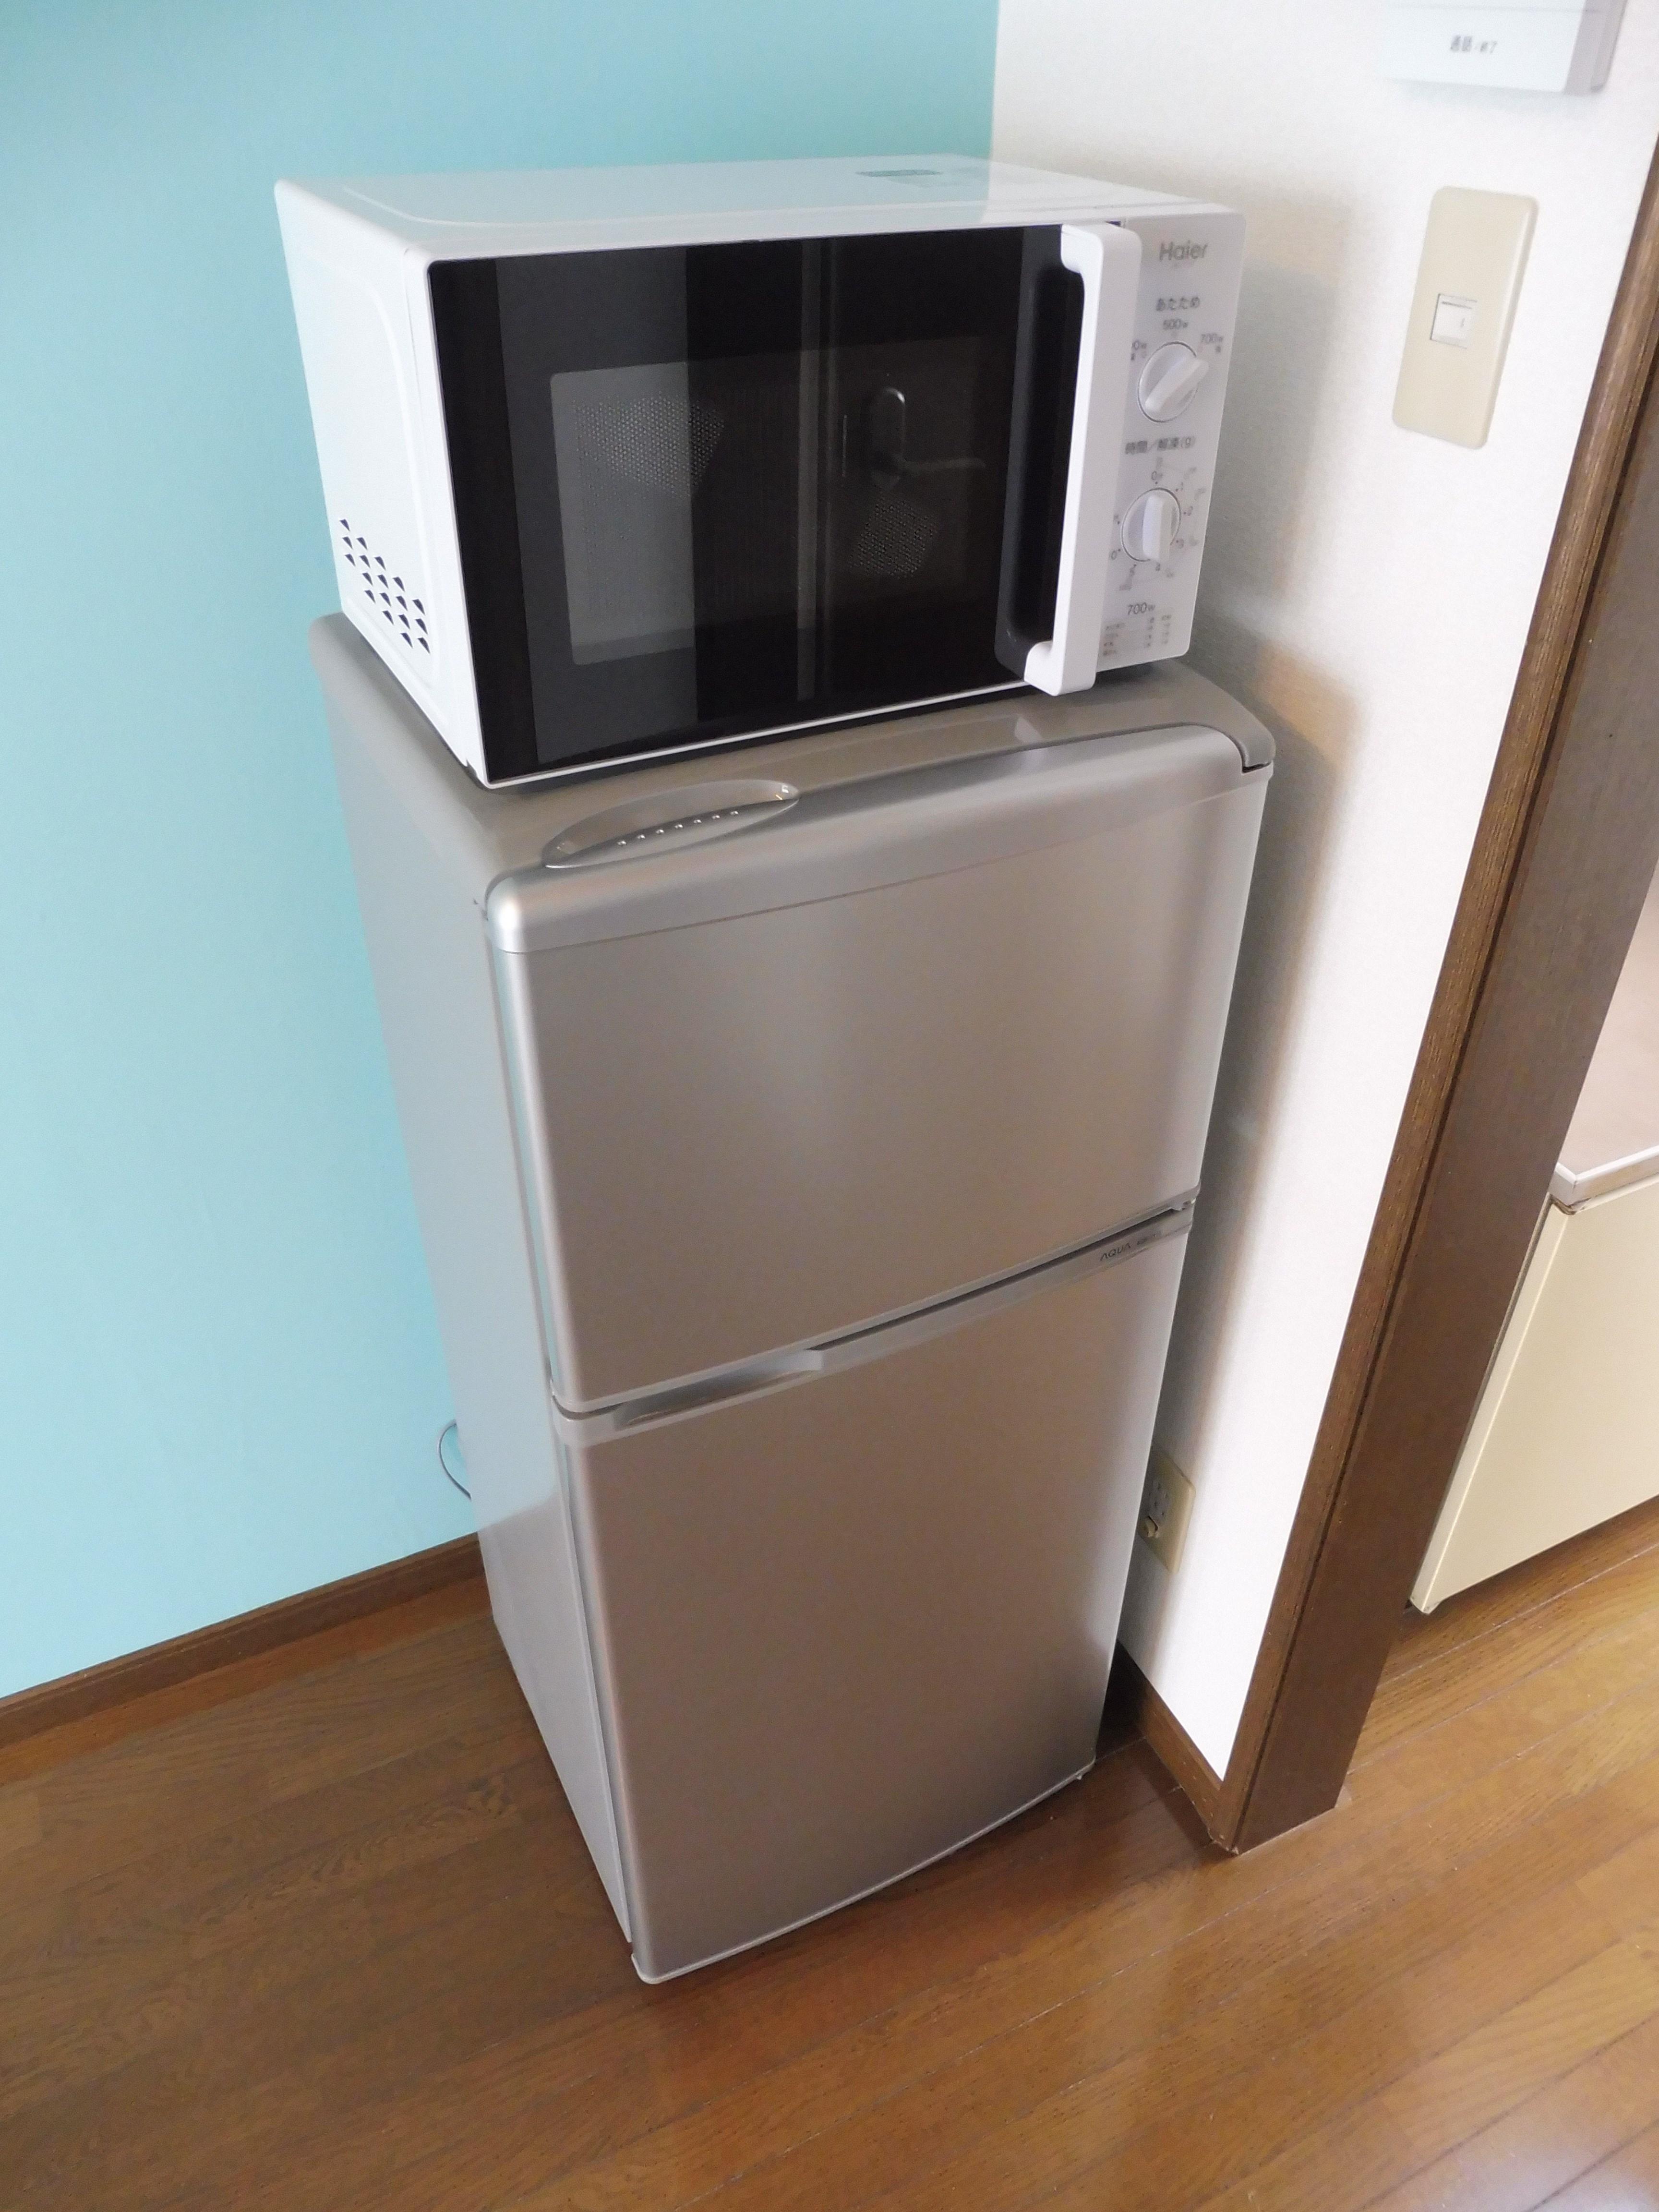 冷蔵庫、洗濯機、電子レンジ、TV、TV台mテーブル、ラグ、カーテンを設置致します(残置物扱い)。